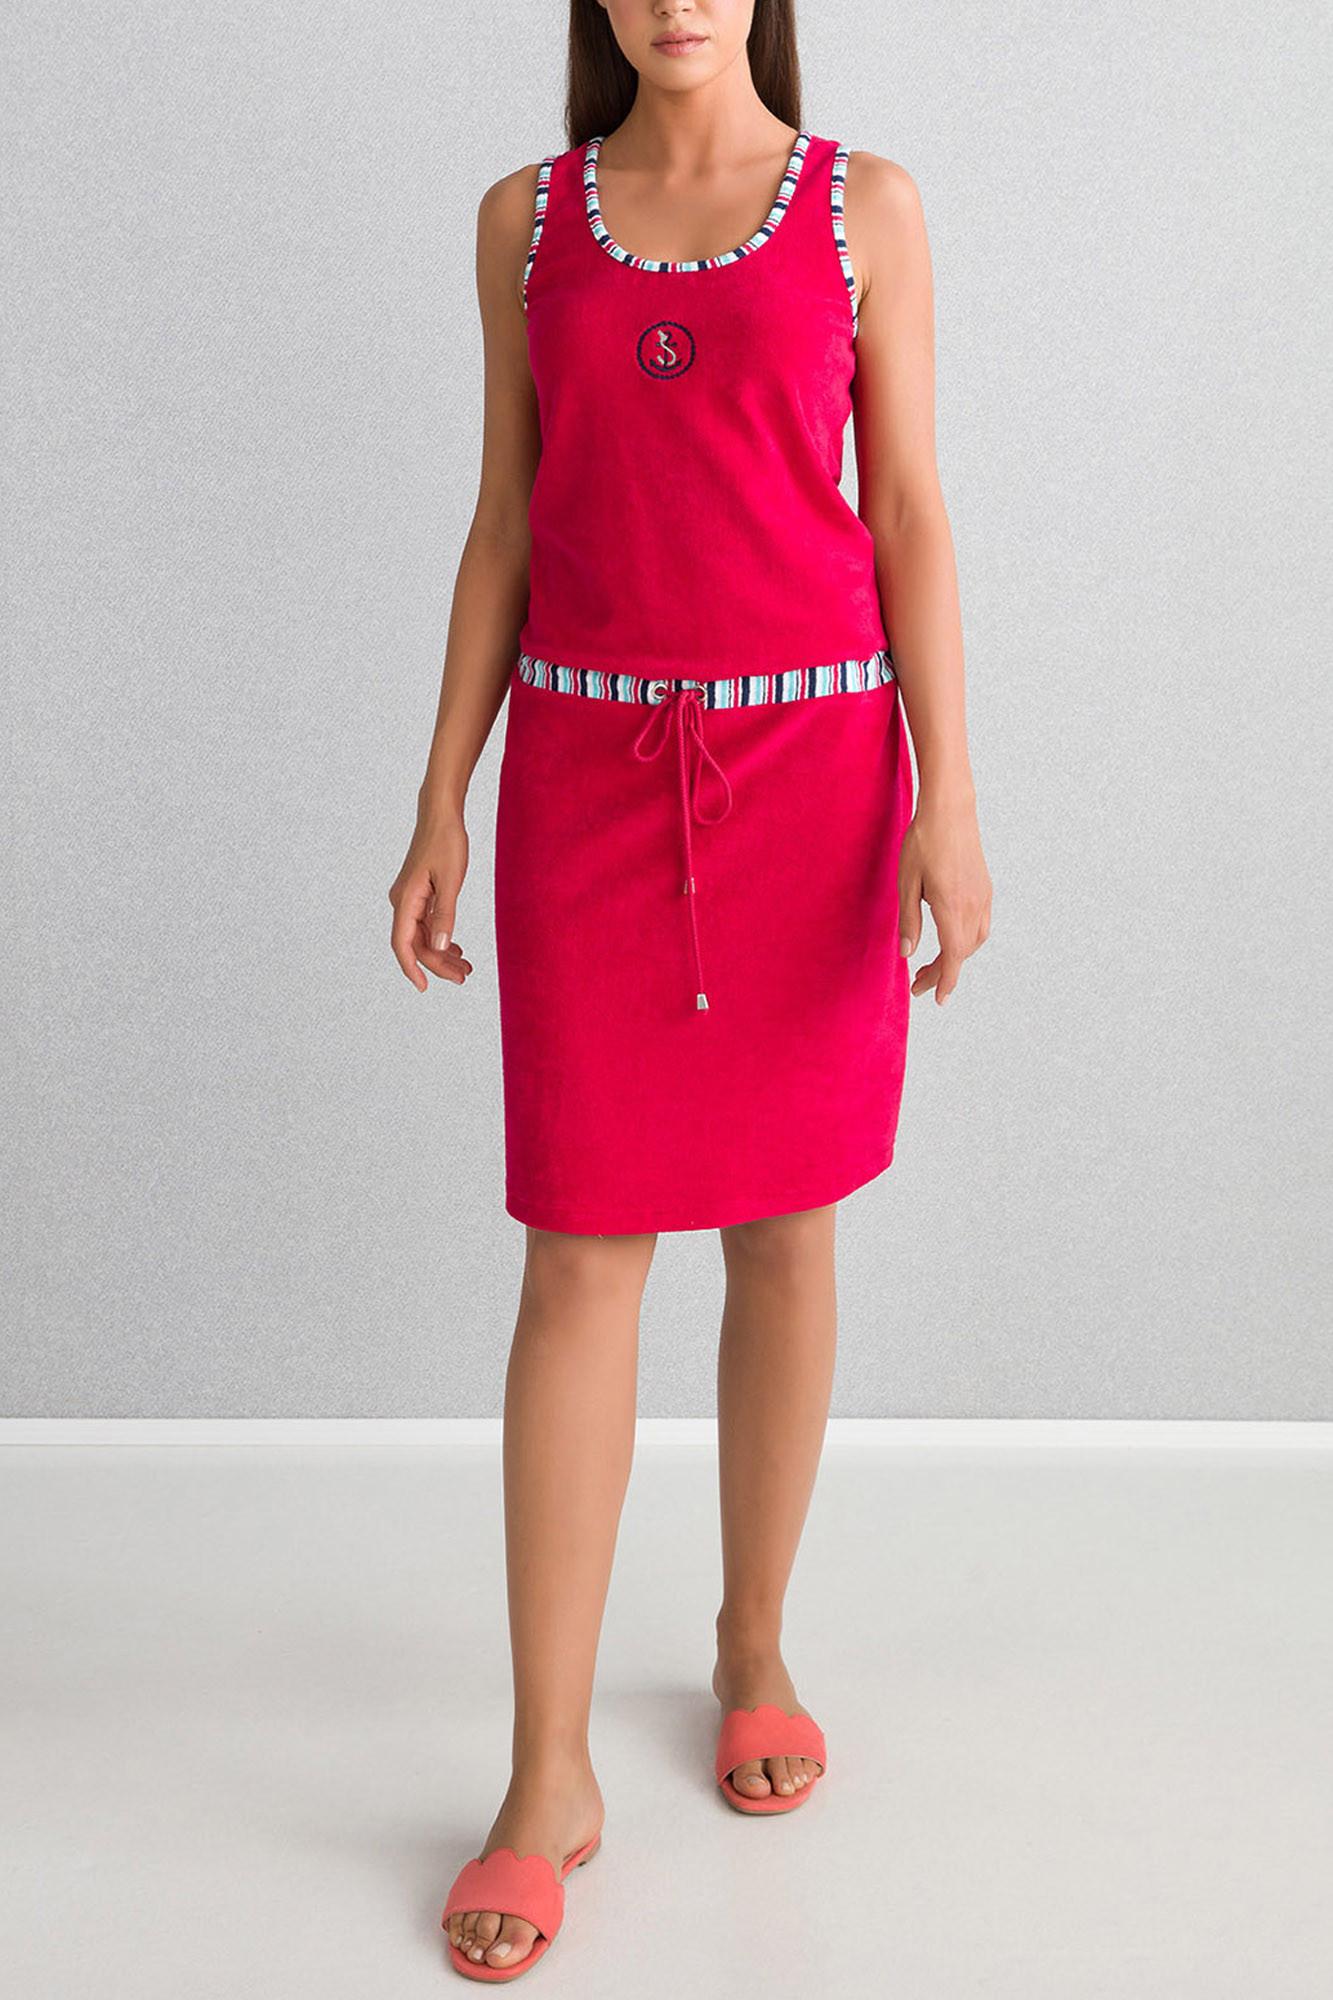 Plážové šaty 6105 - Vamp malinová S